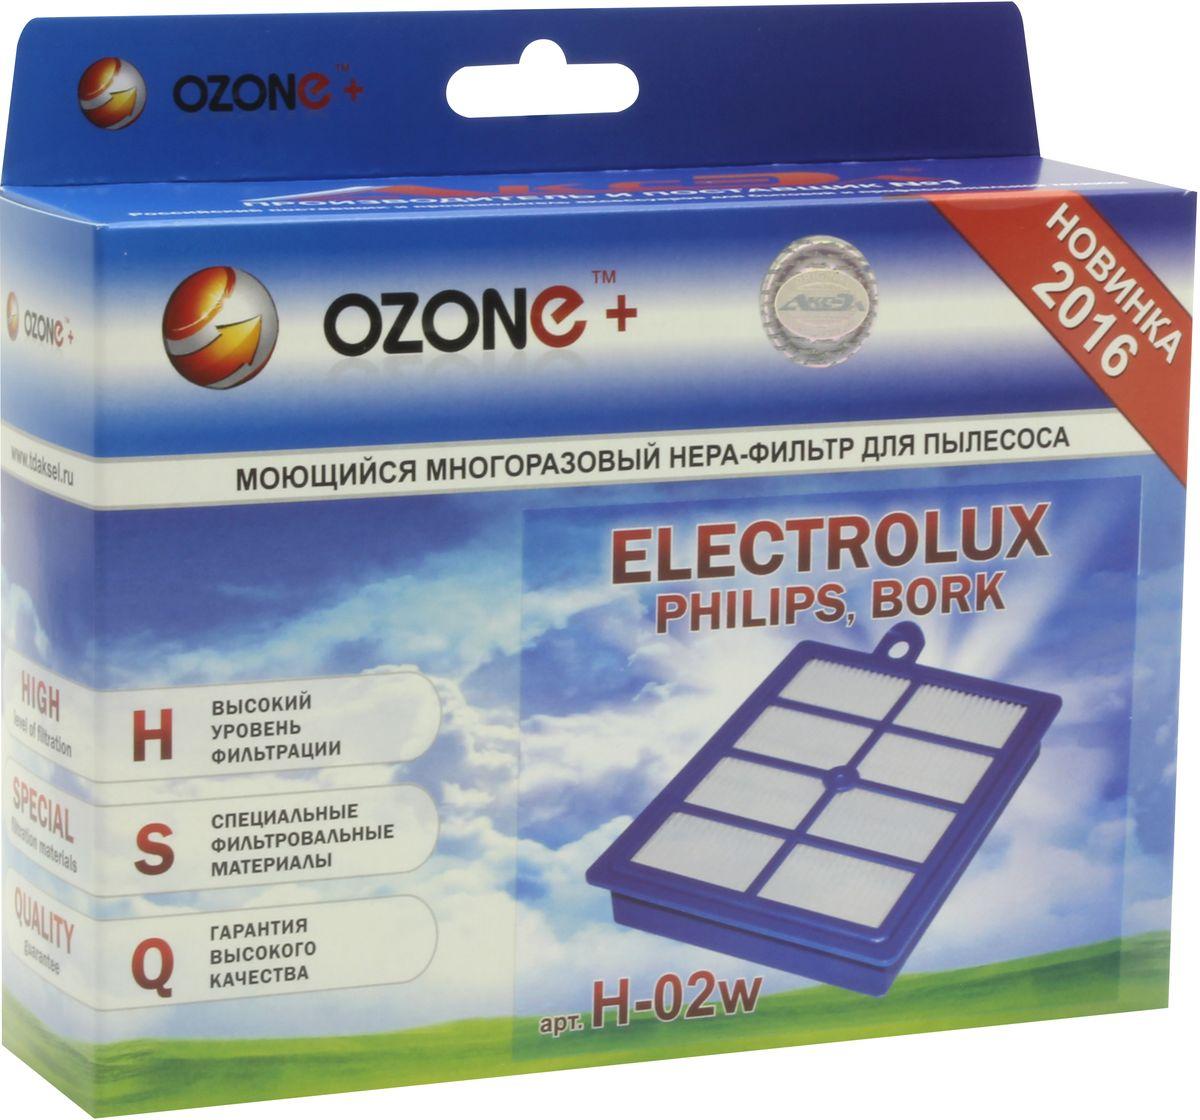 Ozone H-02W HEPA фильтр для пылесосаH-02wHEPA фильтр Ozone microne H-02W высокоэффективной очистки предназначен для завершающей очистки воздуха в помещении, которое требует высокое качество воздуха, например, медицинских помещений. Фильтр состоит из мелкопористых материалов, что служит эффективному задерживанию частиц размером до 0,3 мкм. Фильтры HEPA последнего поколения имеют степень очистки воздуха около 95-97%. Фильтры подлежат к промывке, а значит, они не являются одноразовыми.